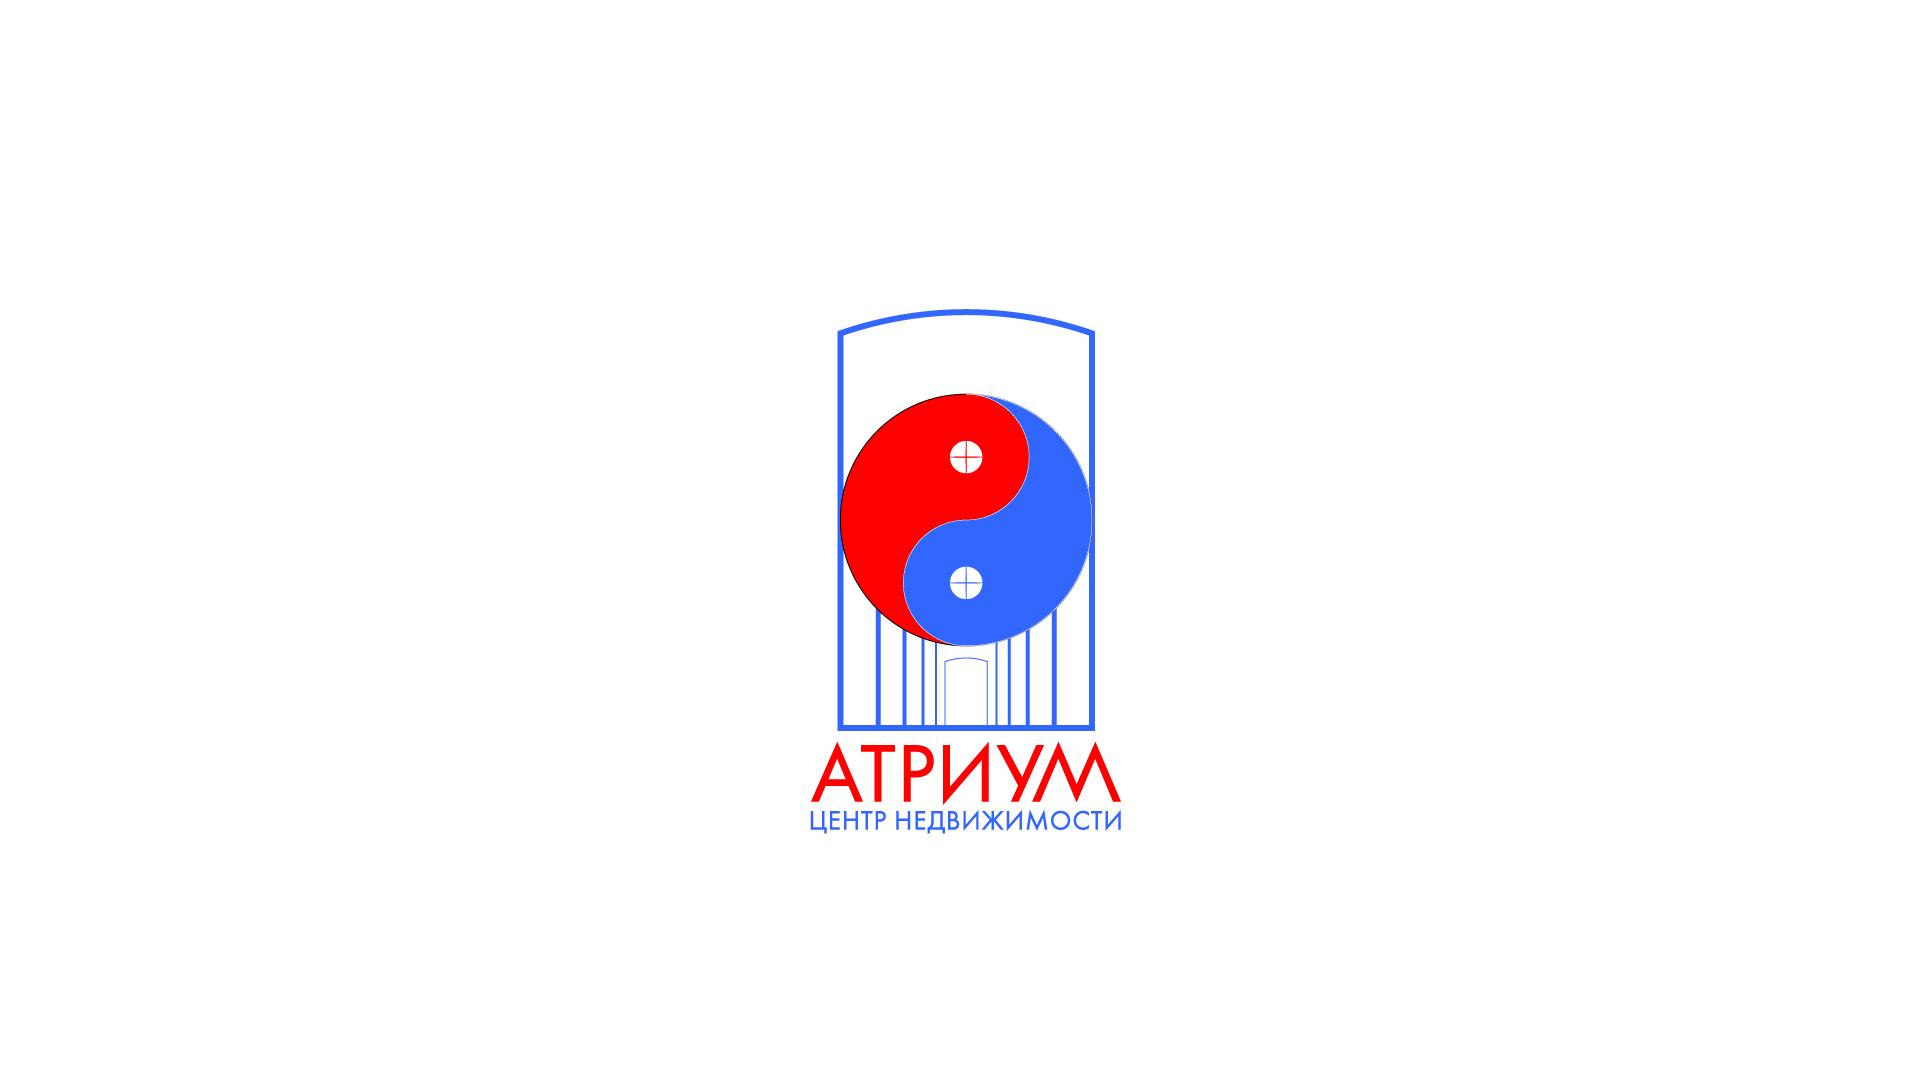 Редизайн / модернизация логотипа Центра недвижимости фото f_1605bc8e1b8b5aca.png